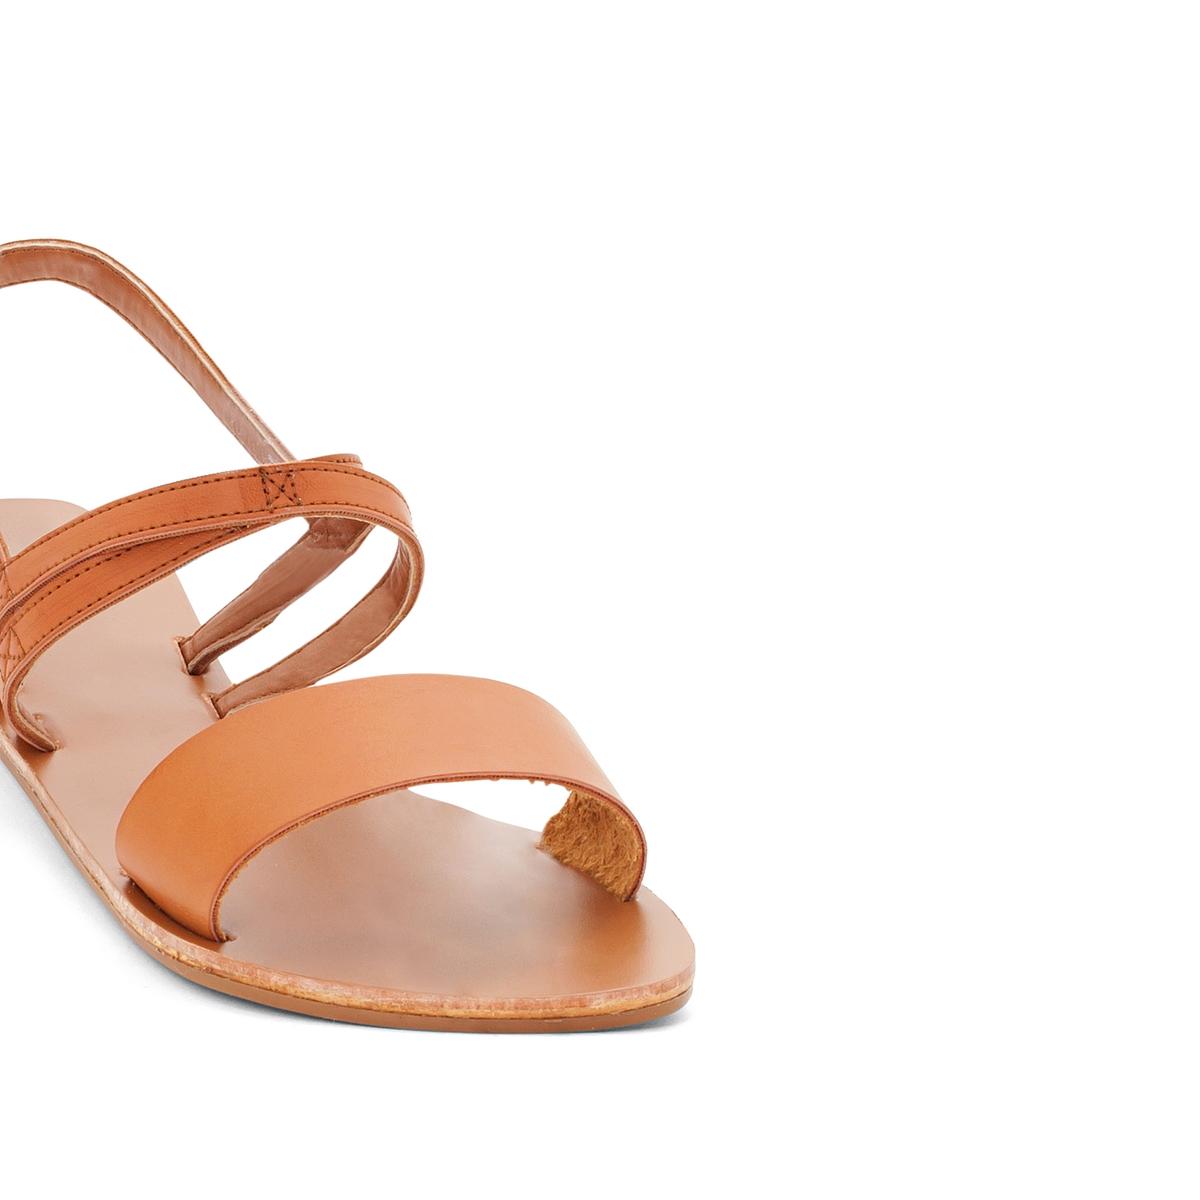 Сандалии CatalinaВерх : кожа.   Стелька : кожа.   Подошва : Каучук   Форма каблука : плоский каблук.   Мысок : открытый мысок   Застежка : без застежки<br><br>Цвет: темно-бежевый